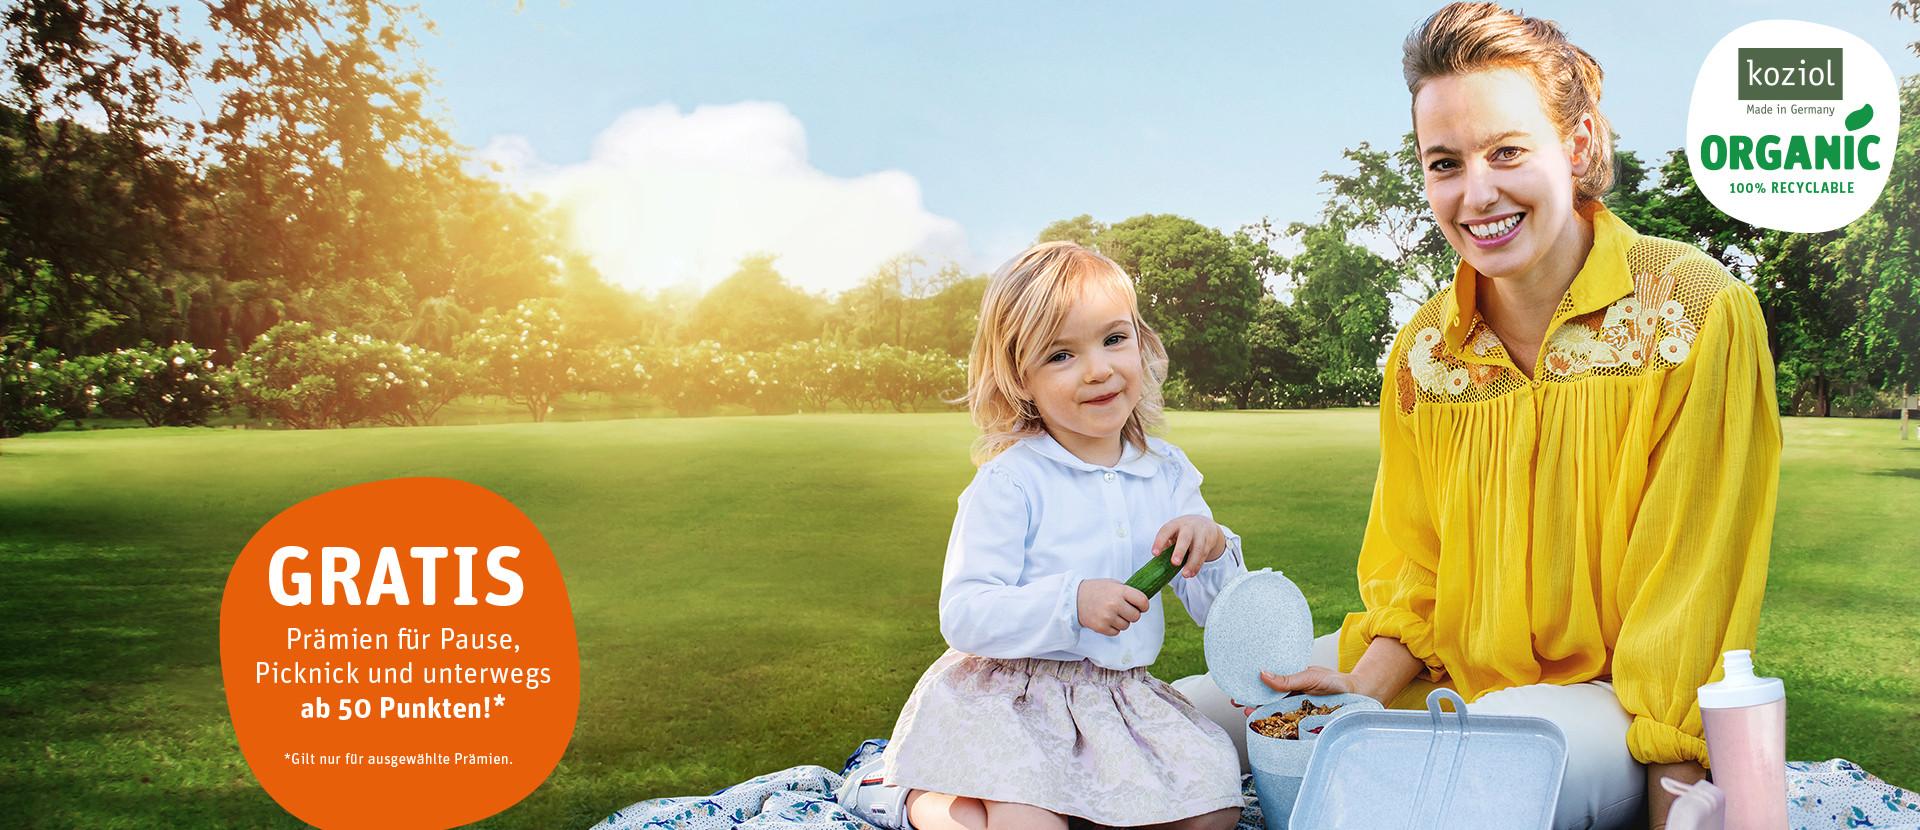 Frau sitzt mit Mädchen auf einer Picknickdecke auf einer Wiese